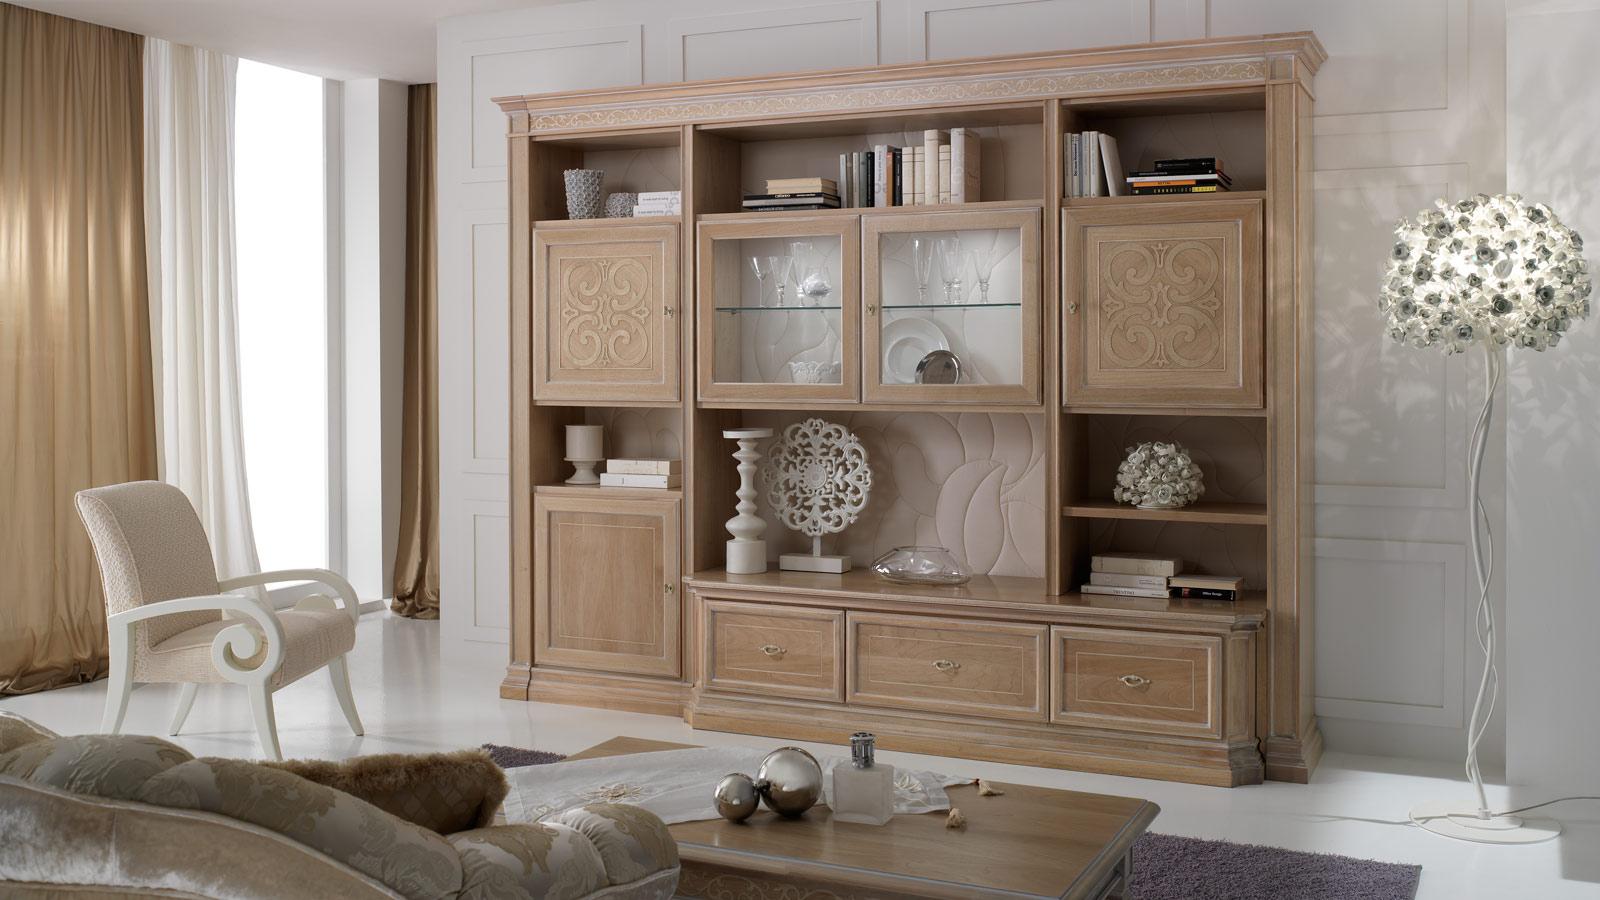 Soggiorni classici rosy mobili mobilificio nichelino - Mobili per sala da pranzo classici ...